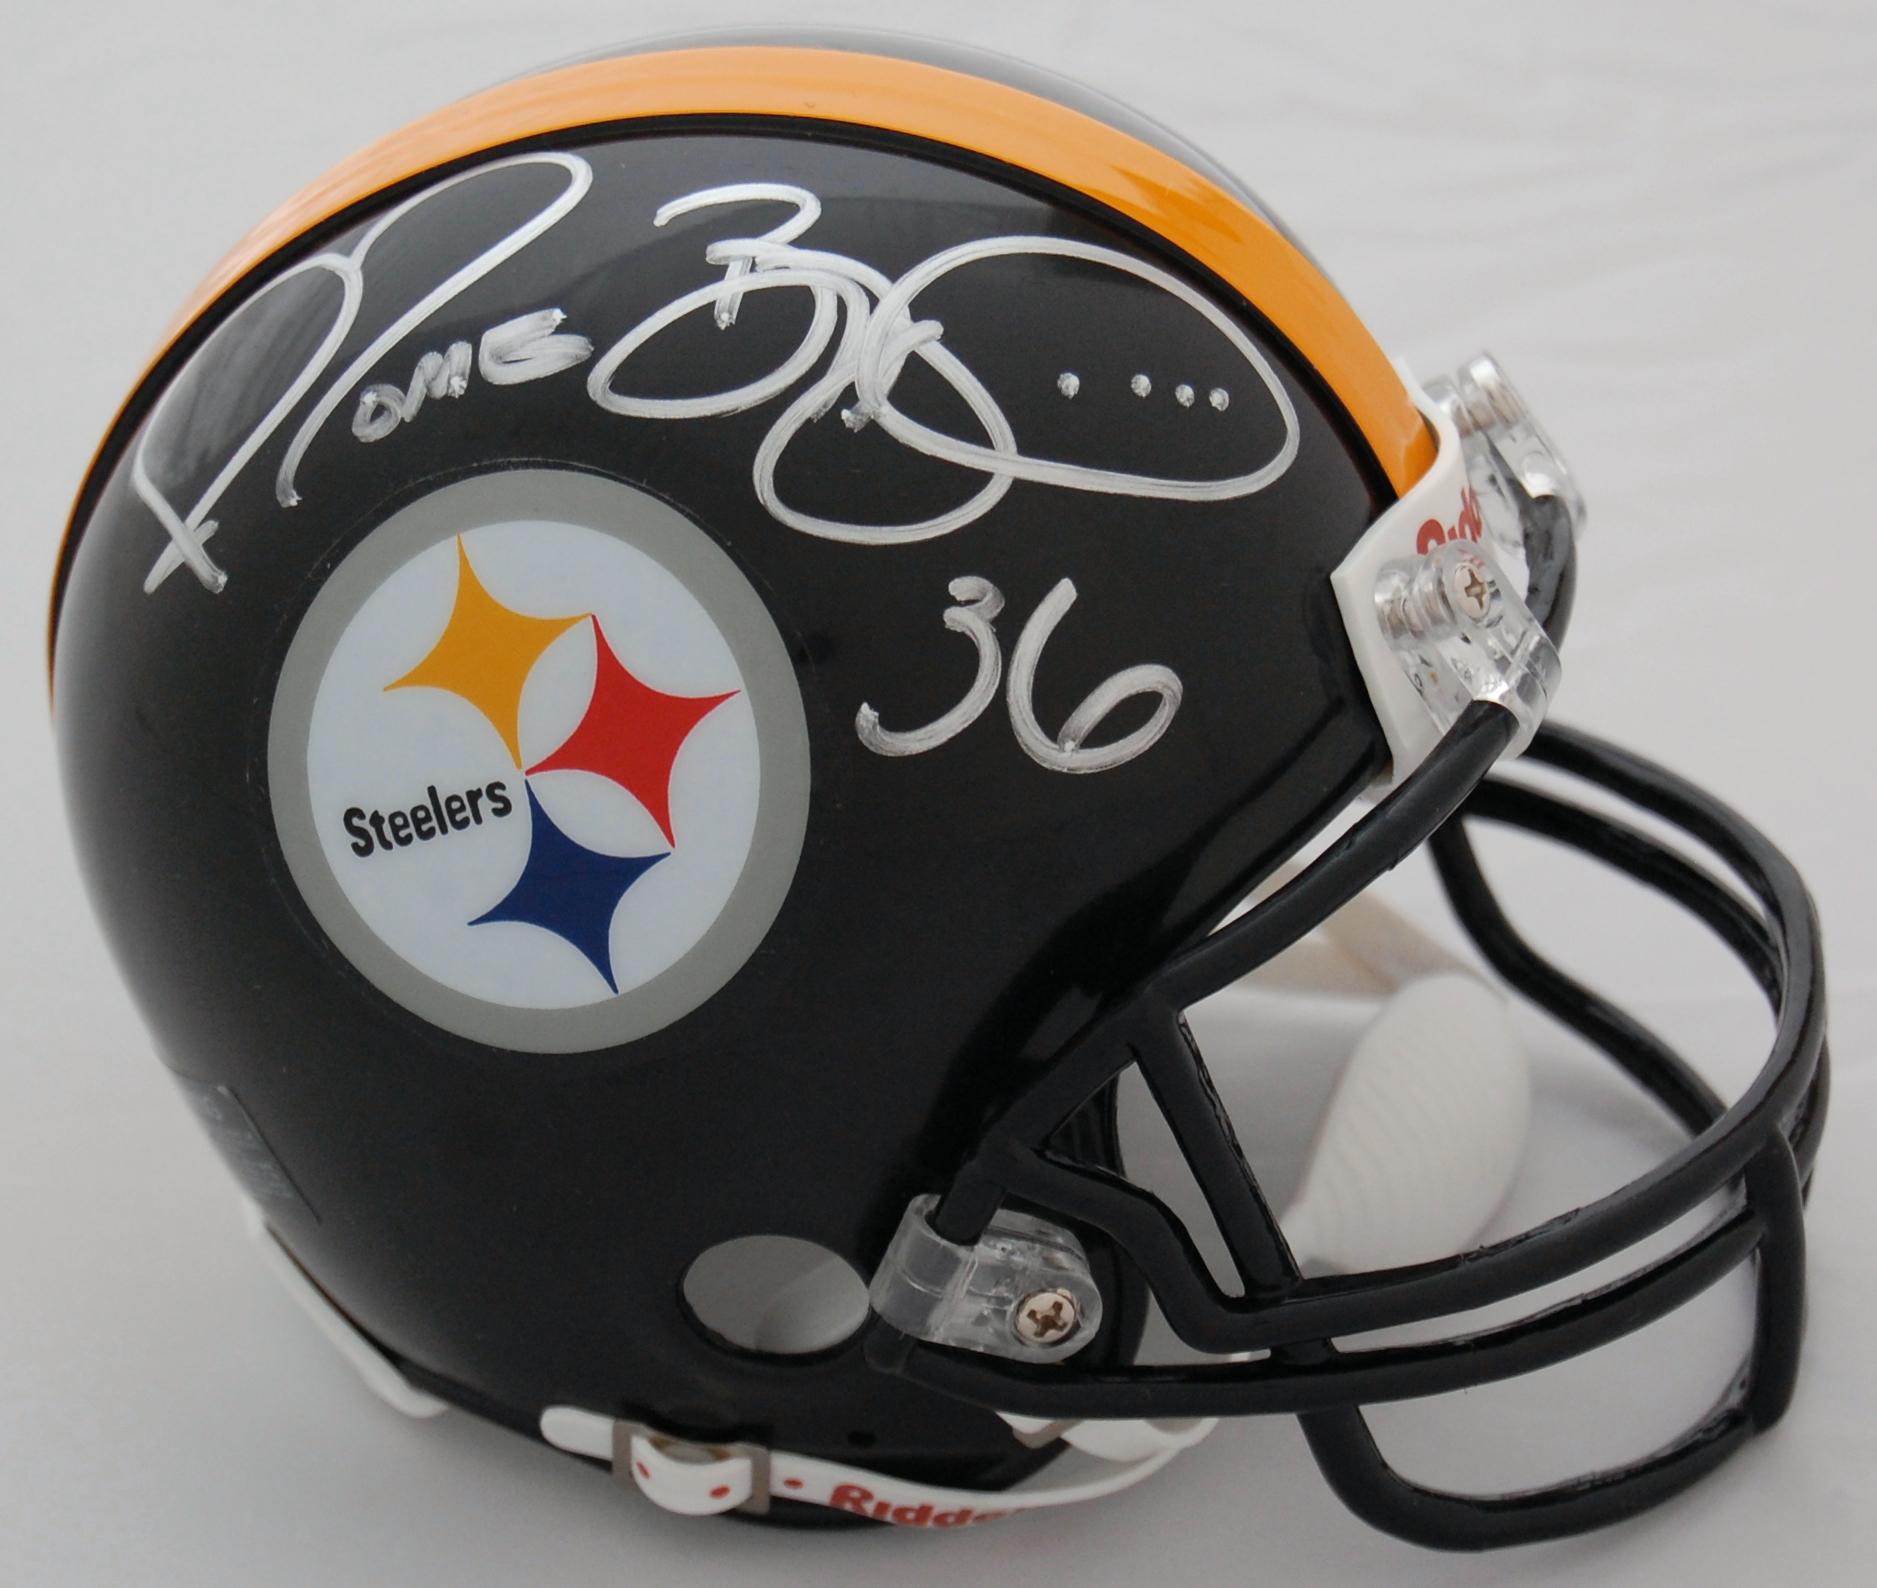 Jerome Bettis Pittsburgh Steelers Autographed Mini Helmet